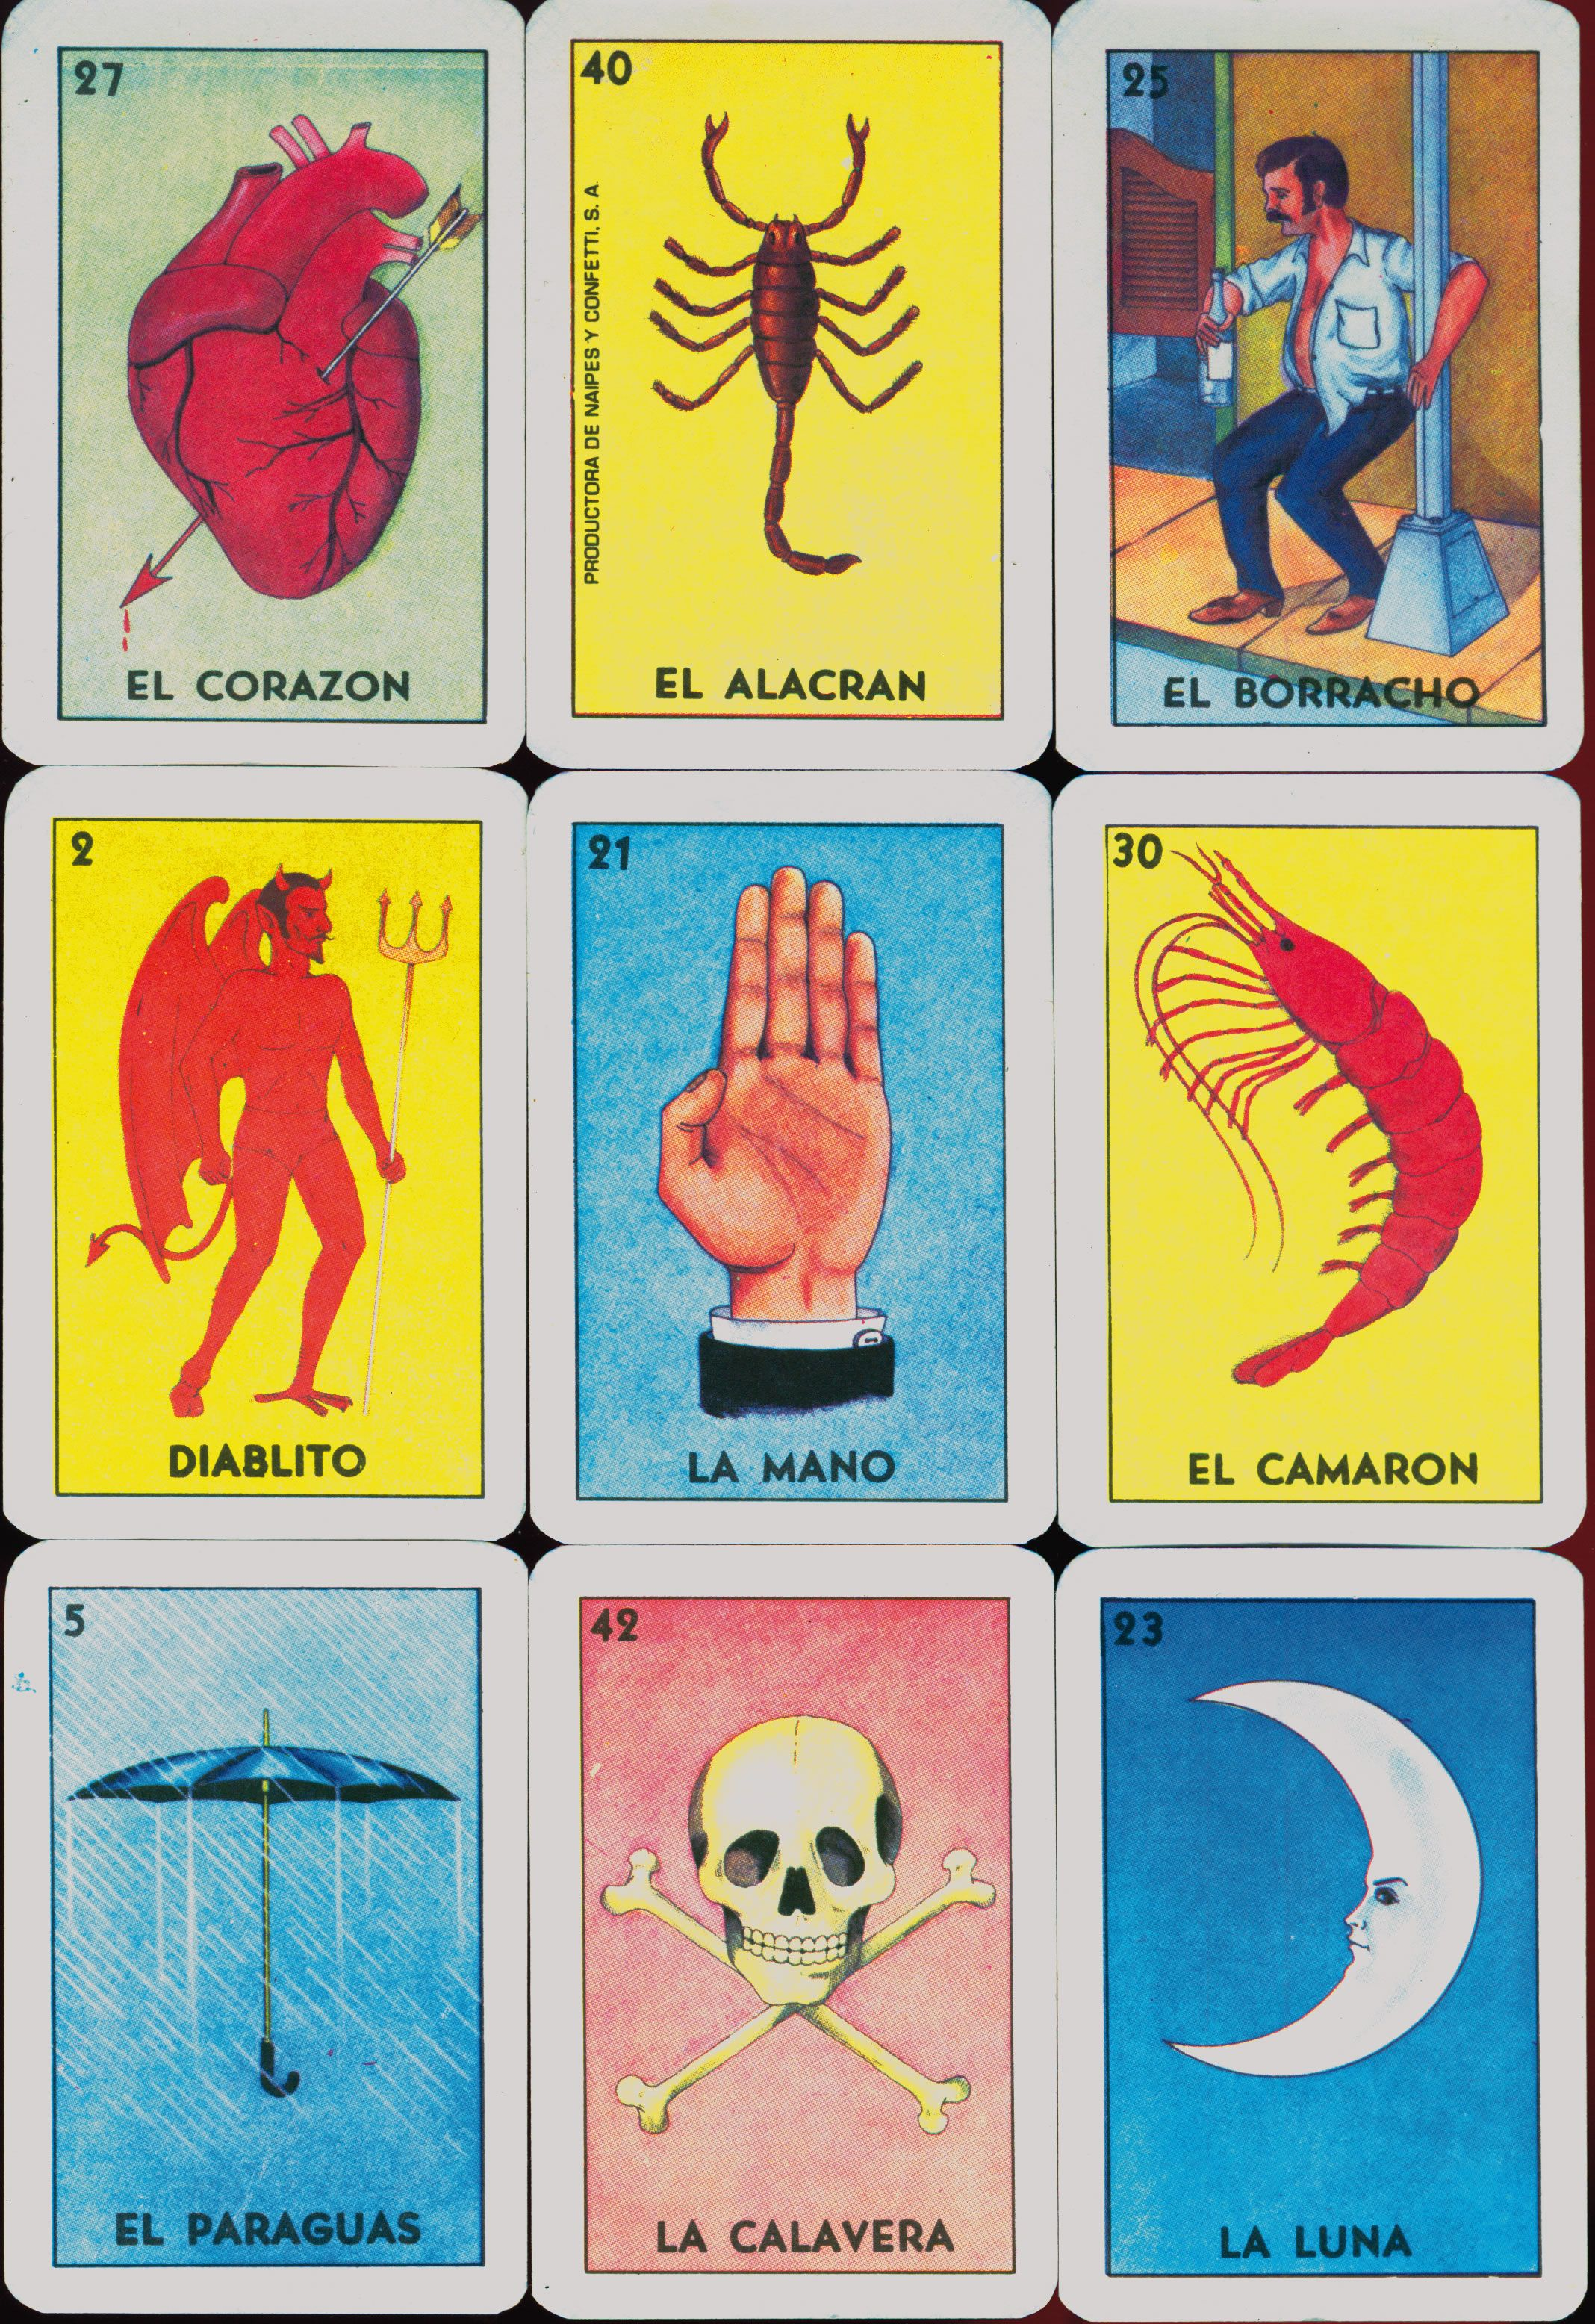 Loteria Cards, Tarot, Cards